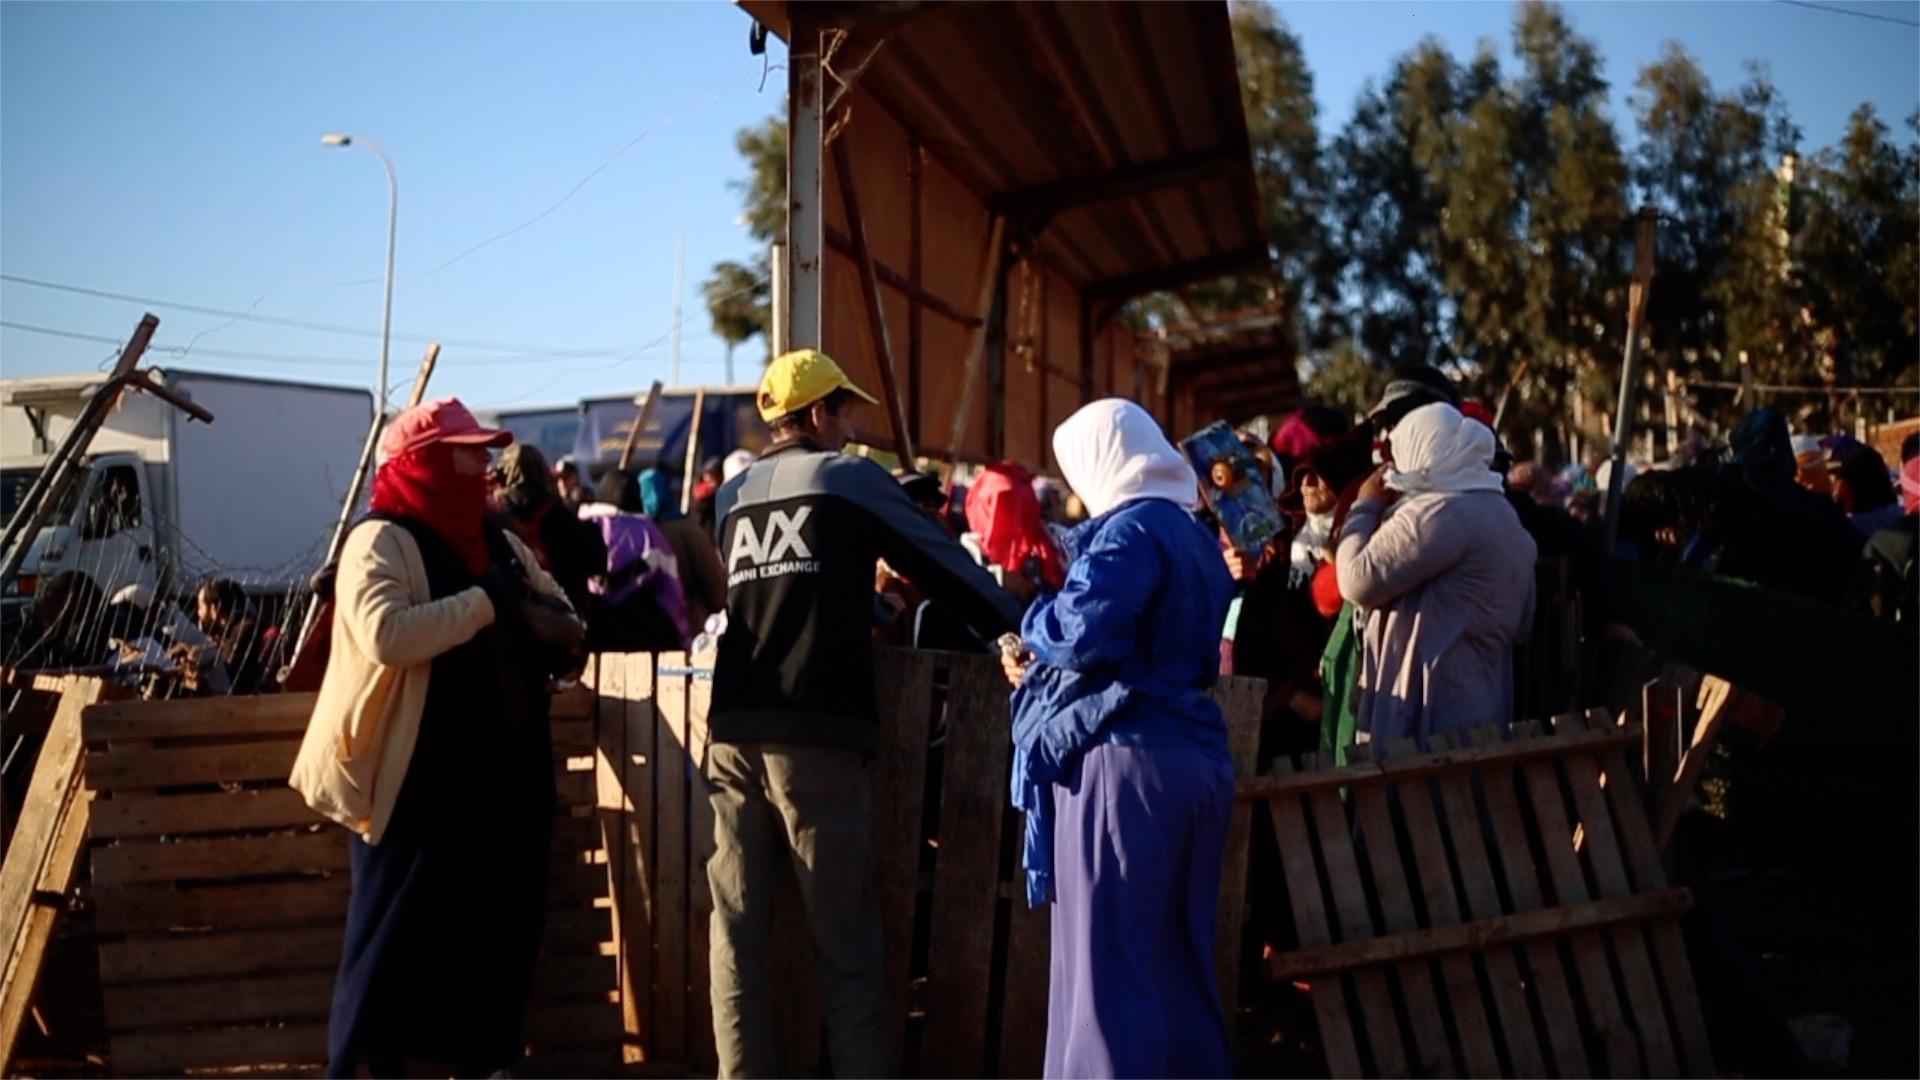 Porteadoras esperan su turno para recoger los bultos que trasladarán hasta Marruecos.